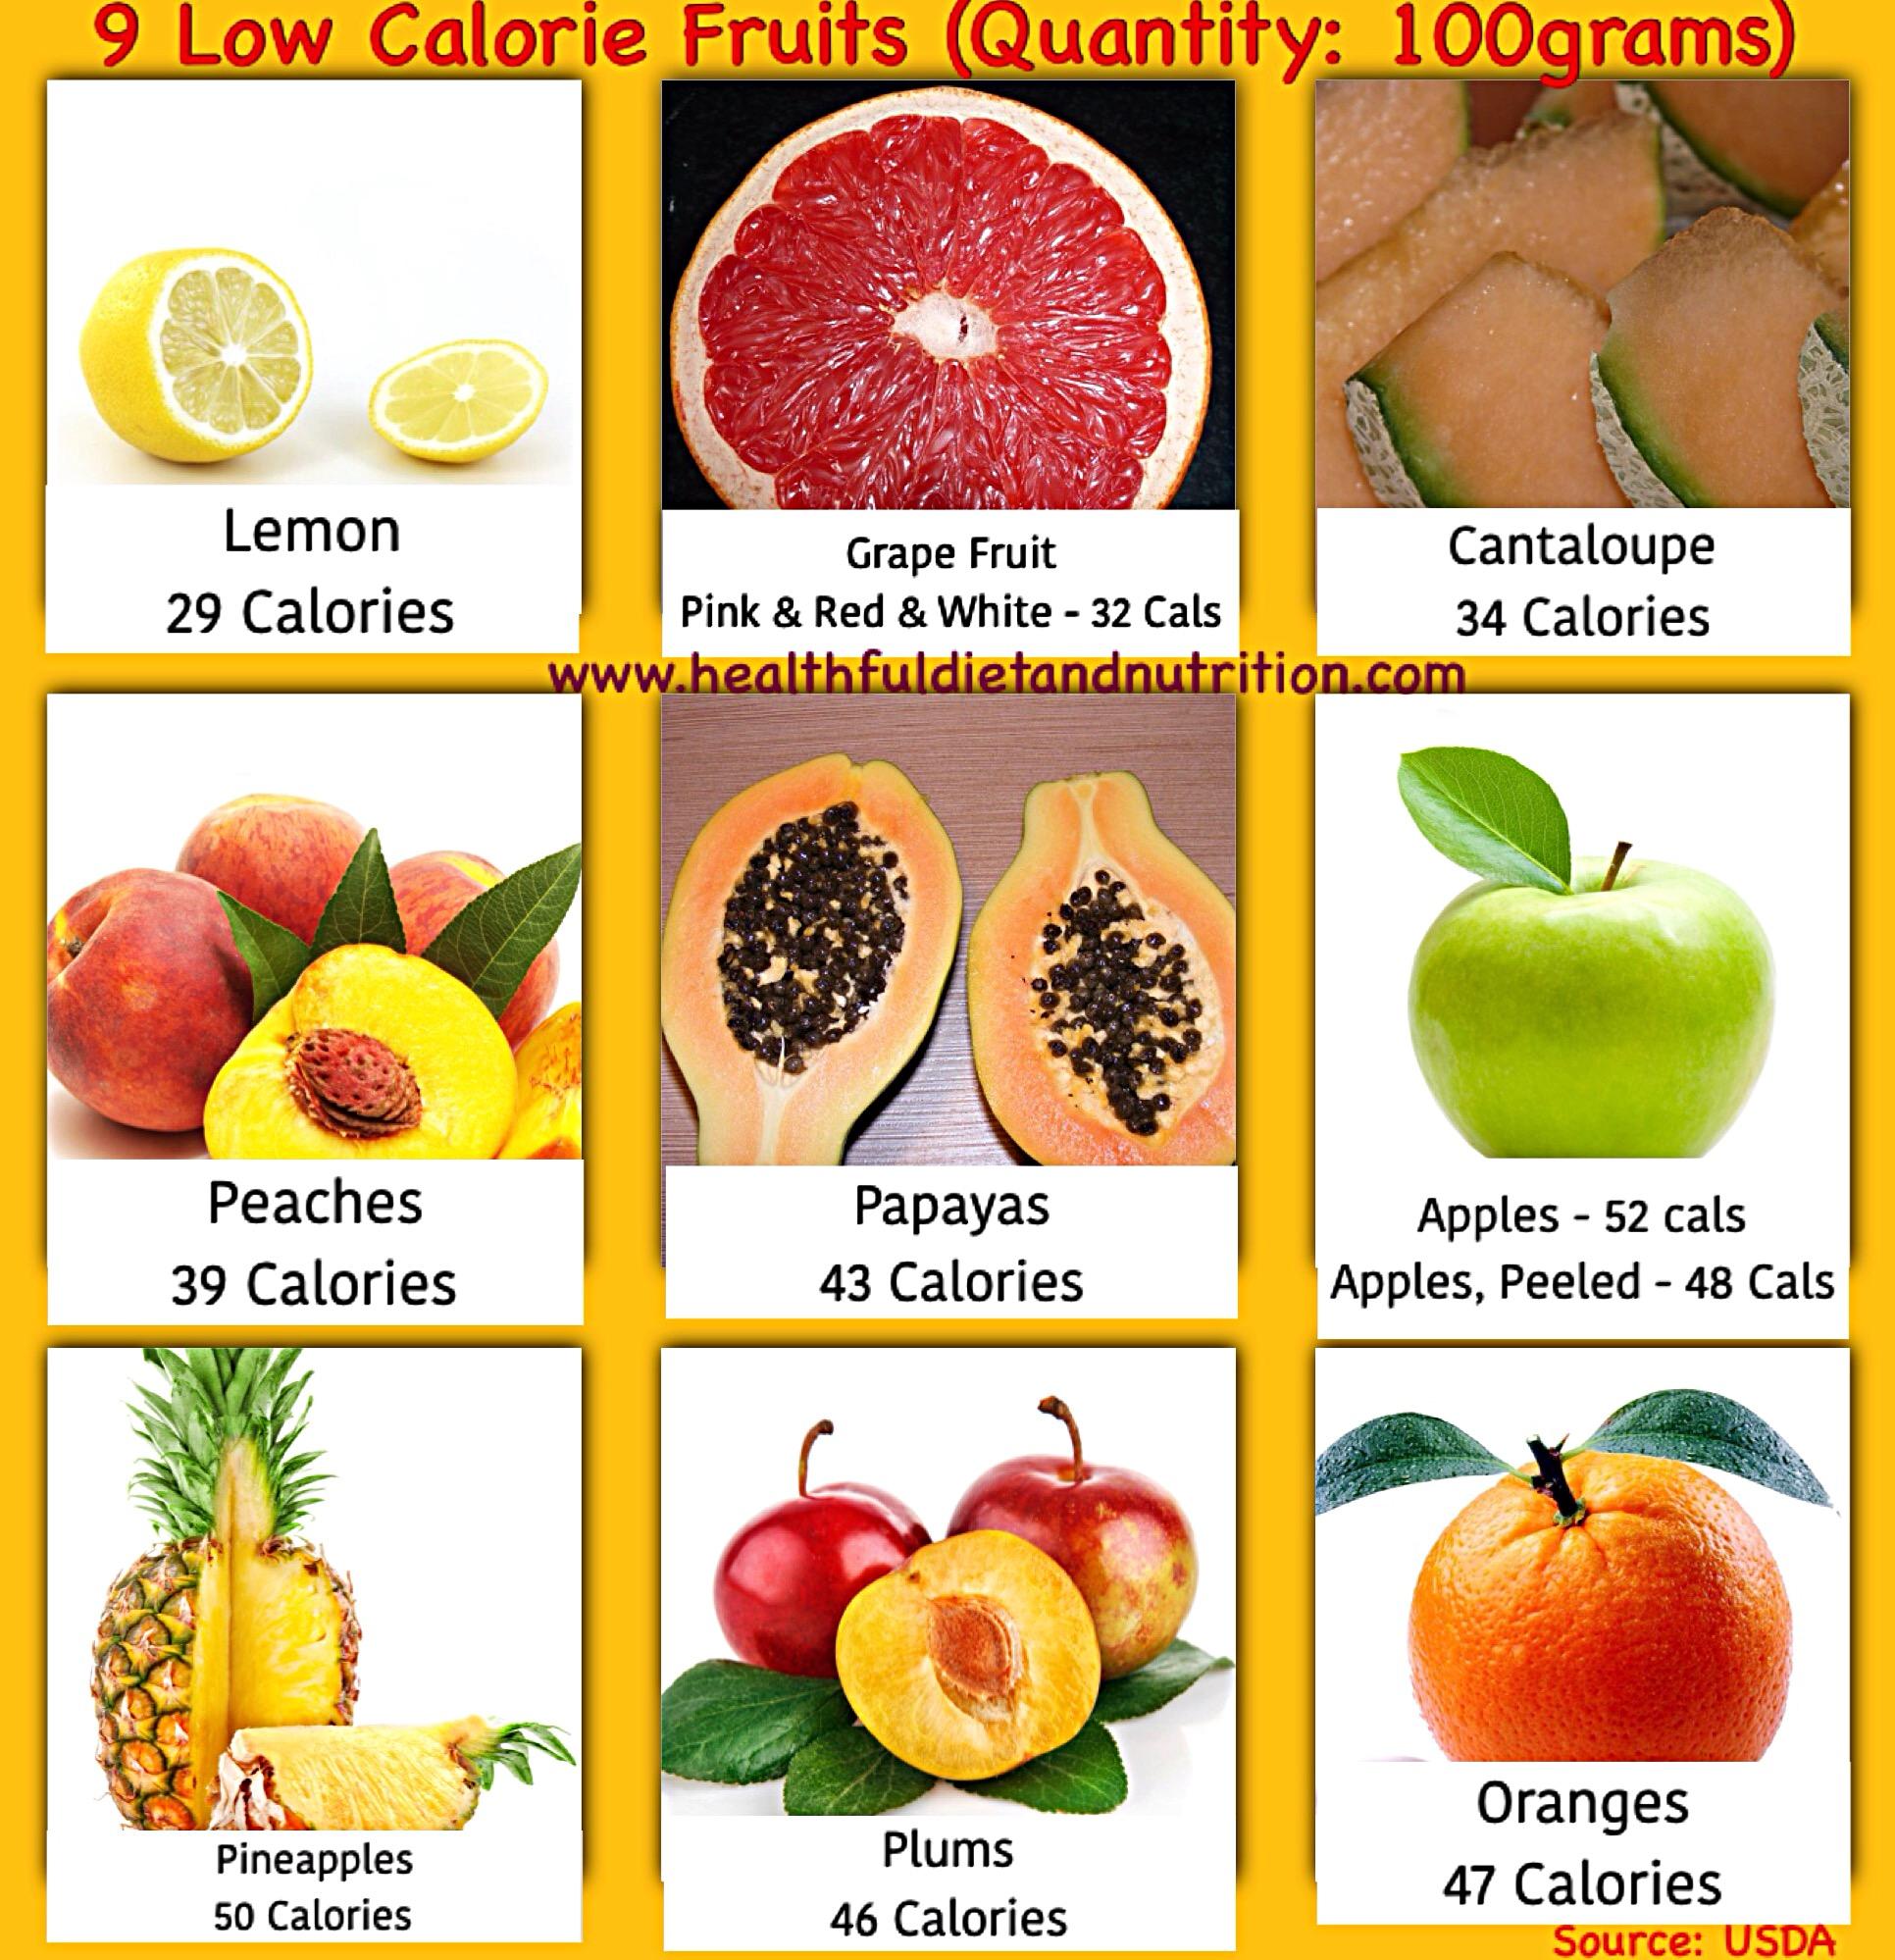 9 Low Calorie Fruits